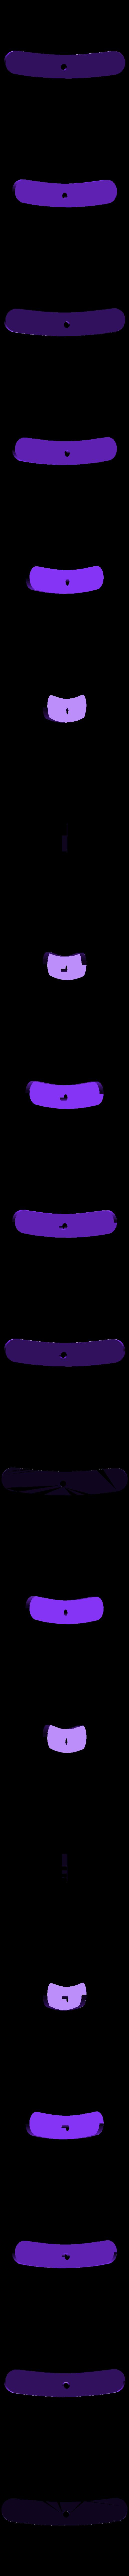 CSS-mouth.stl Télécharger fichier STL gratuit Distributeur de soudure à manivelle à main • Objet imprimable en 3D, Adafruit